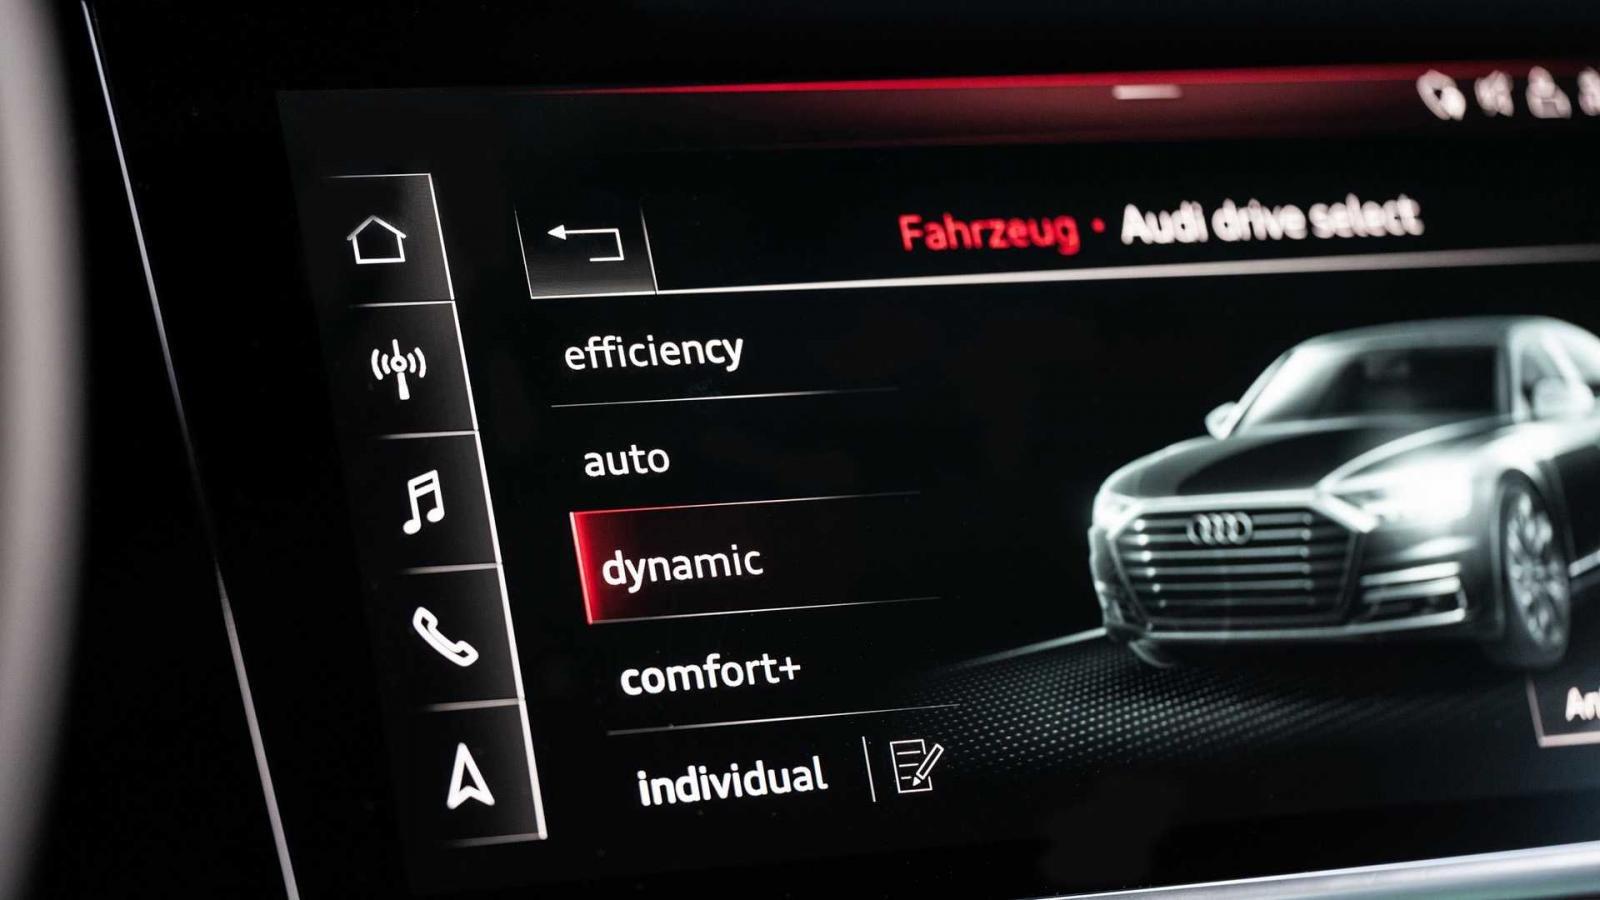 Đánh giá xe Audi S8 2020 về tiện nghi: màn hình chính